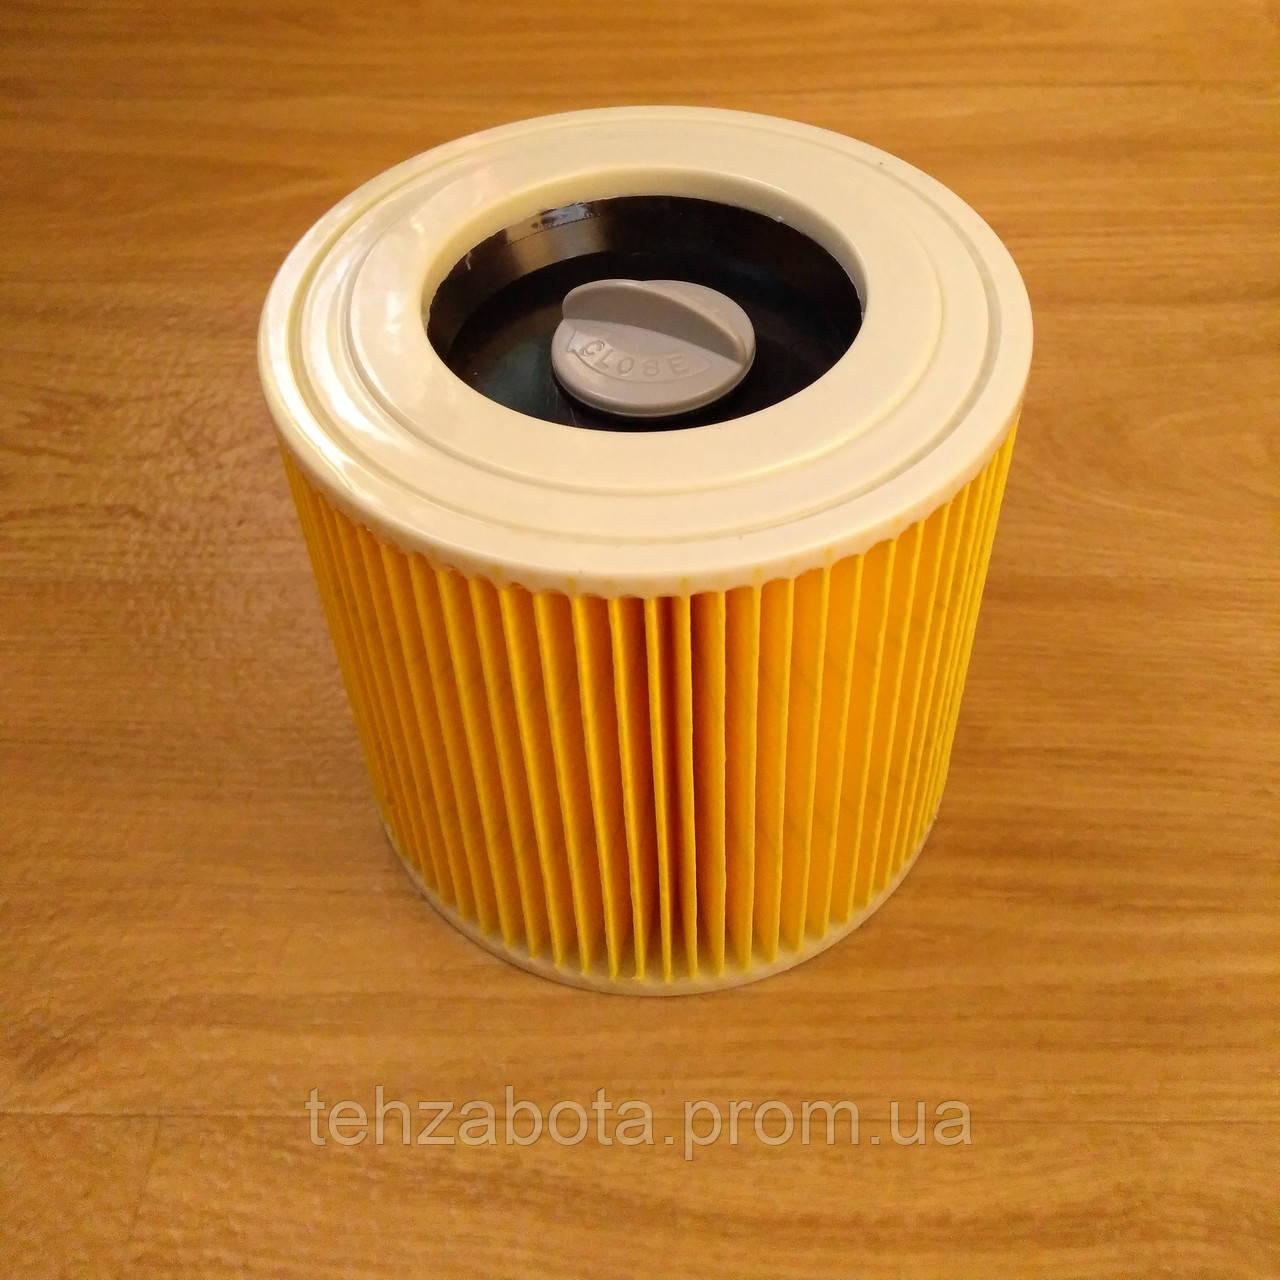 патронный фильтр для пылесоса Karcher Wd 2 Wd 3 Mv 2 Mv 3 Wd 2 200 Se 4001 Nt 27 1 Nt 38 1 6 414 552 0